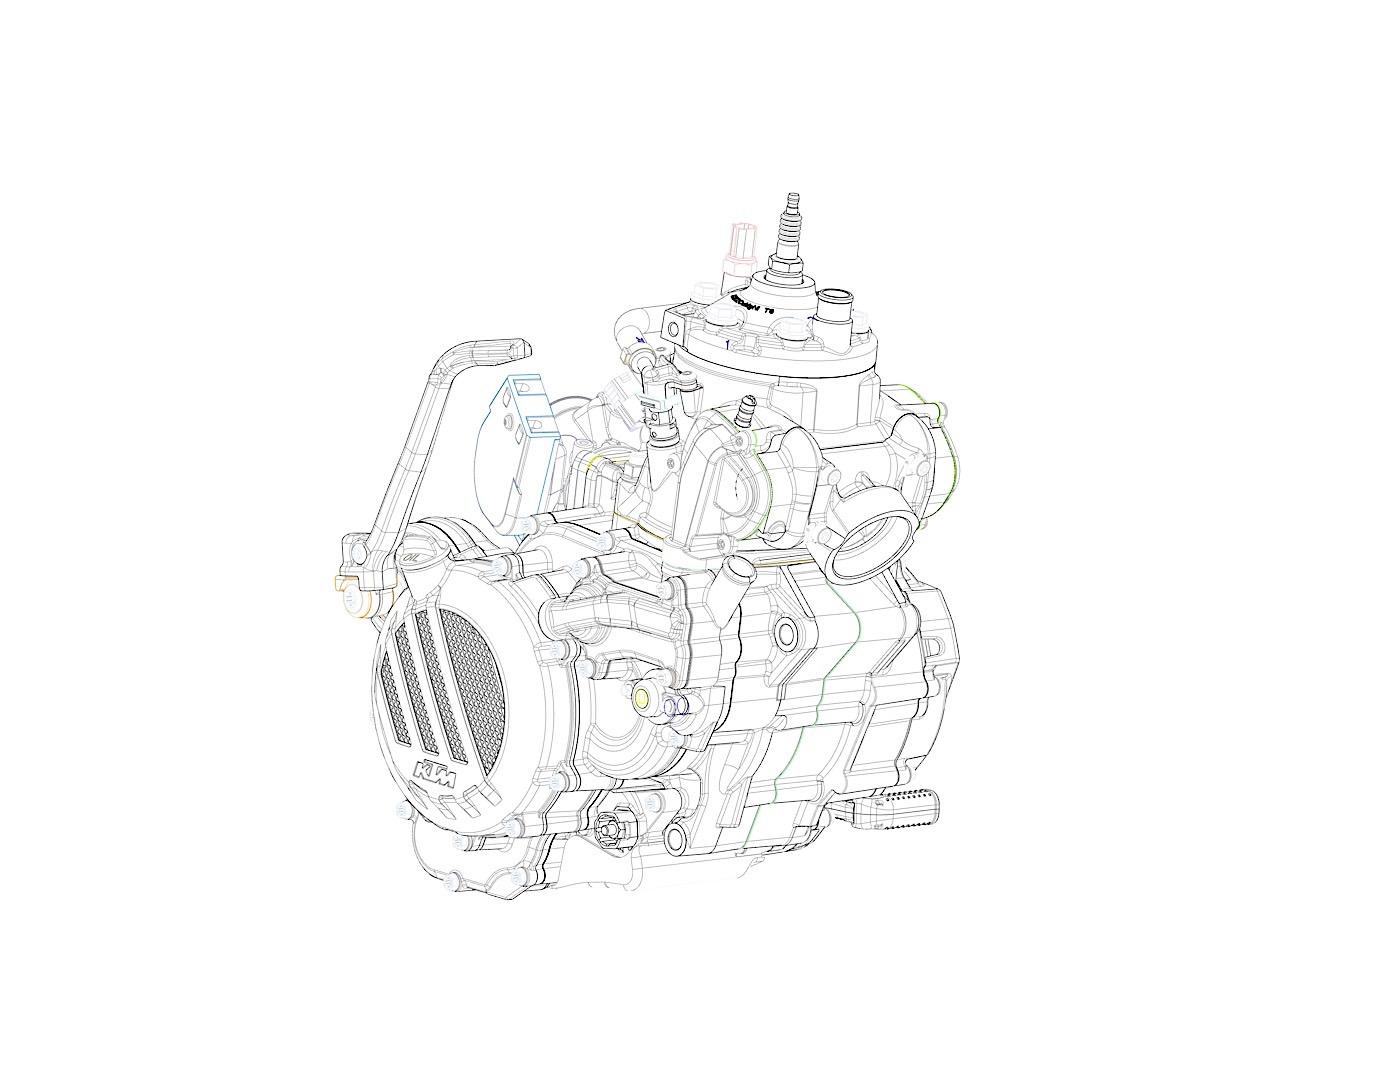 Компания KTM разработала инжектор для 2-тактных моторов